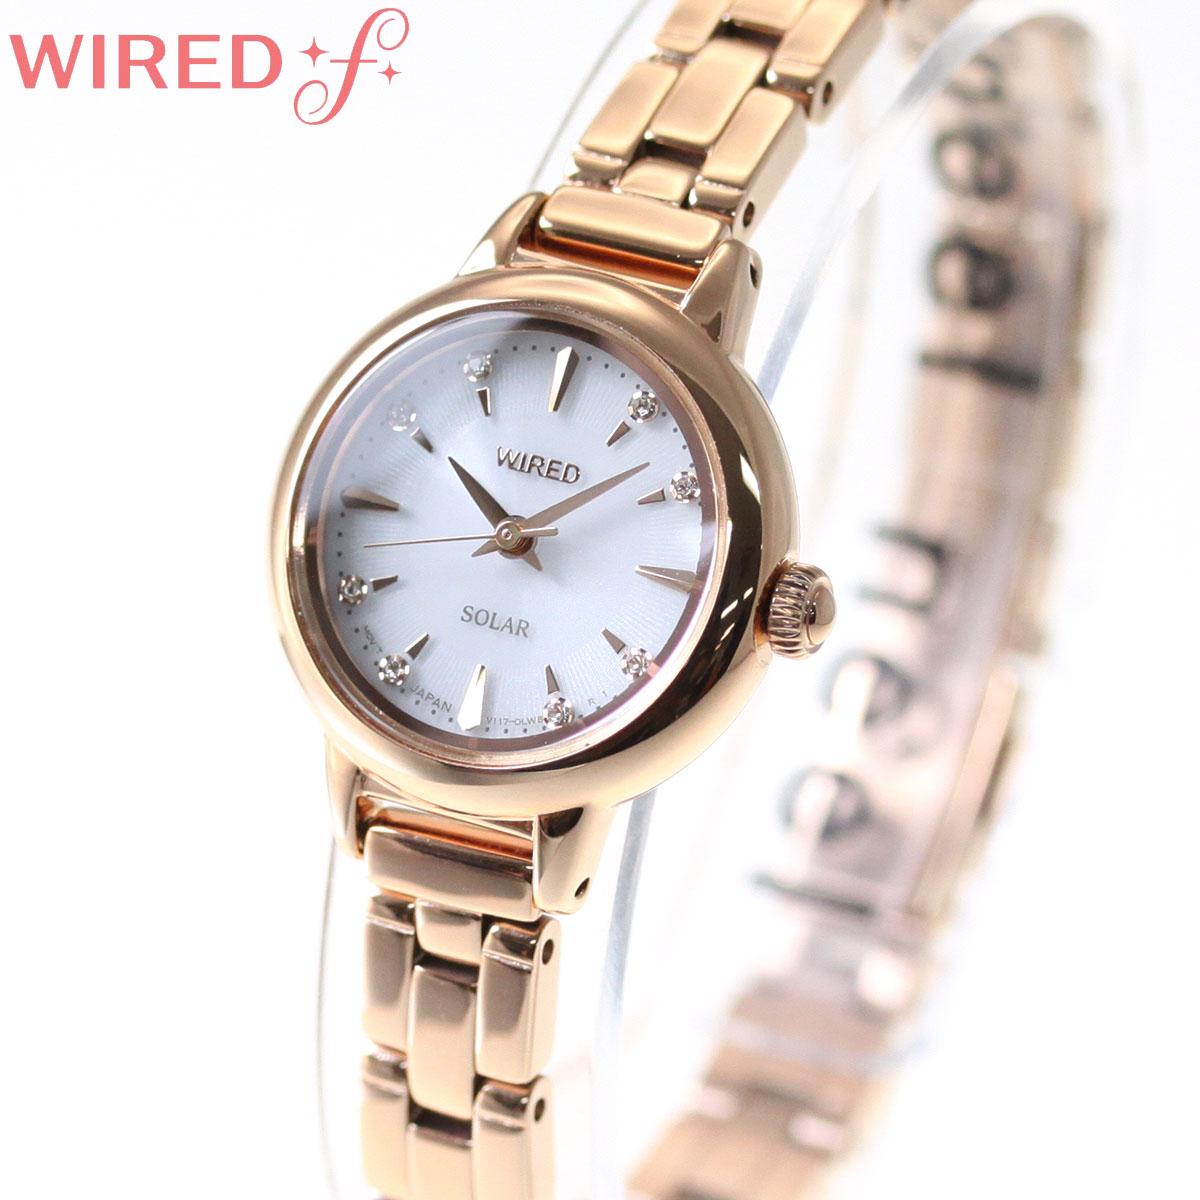 セイコー ワイアード エフ SEIKO WIRED f ソーラー 腕時計 レディース AGED106